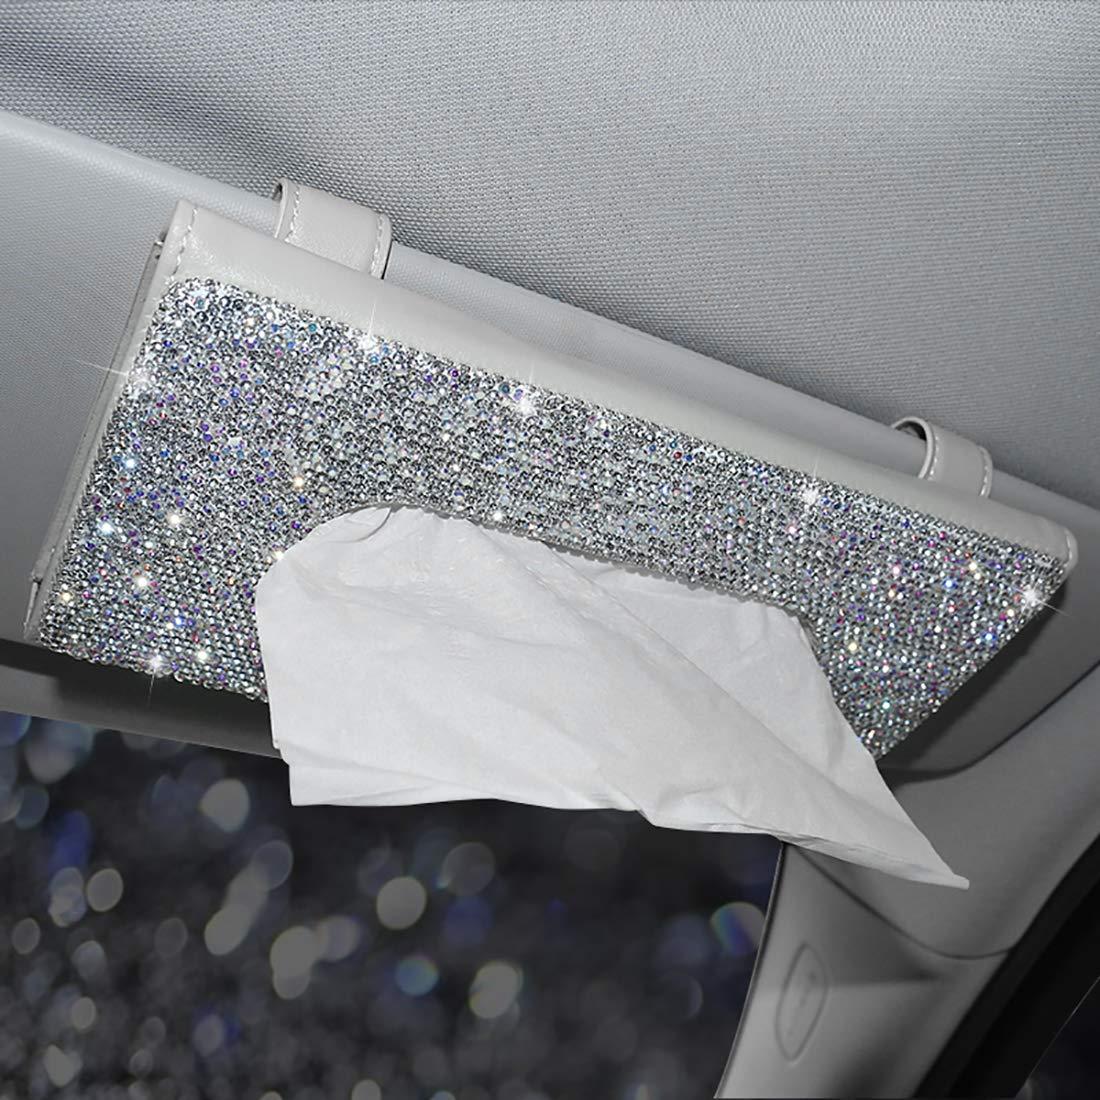 AUPER Car Visor Tissue Holder, Crystal Sparkling Napkin Holder Leather Crystals Paper Towel Cover Case for Women